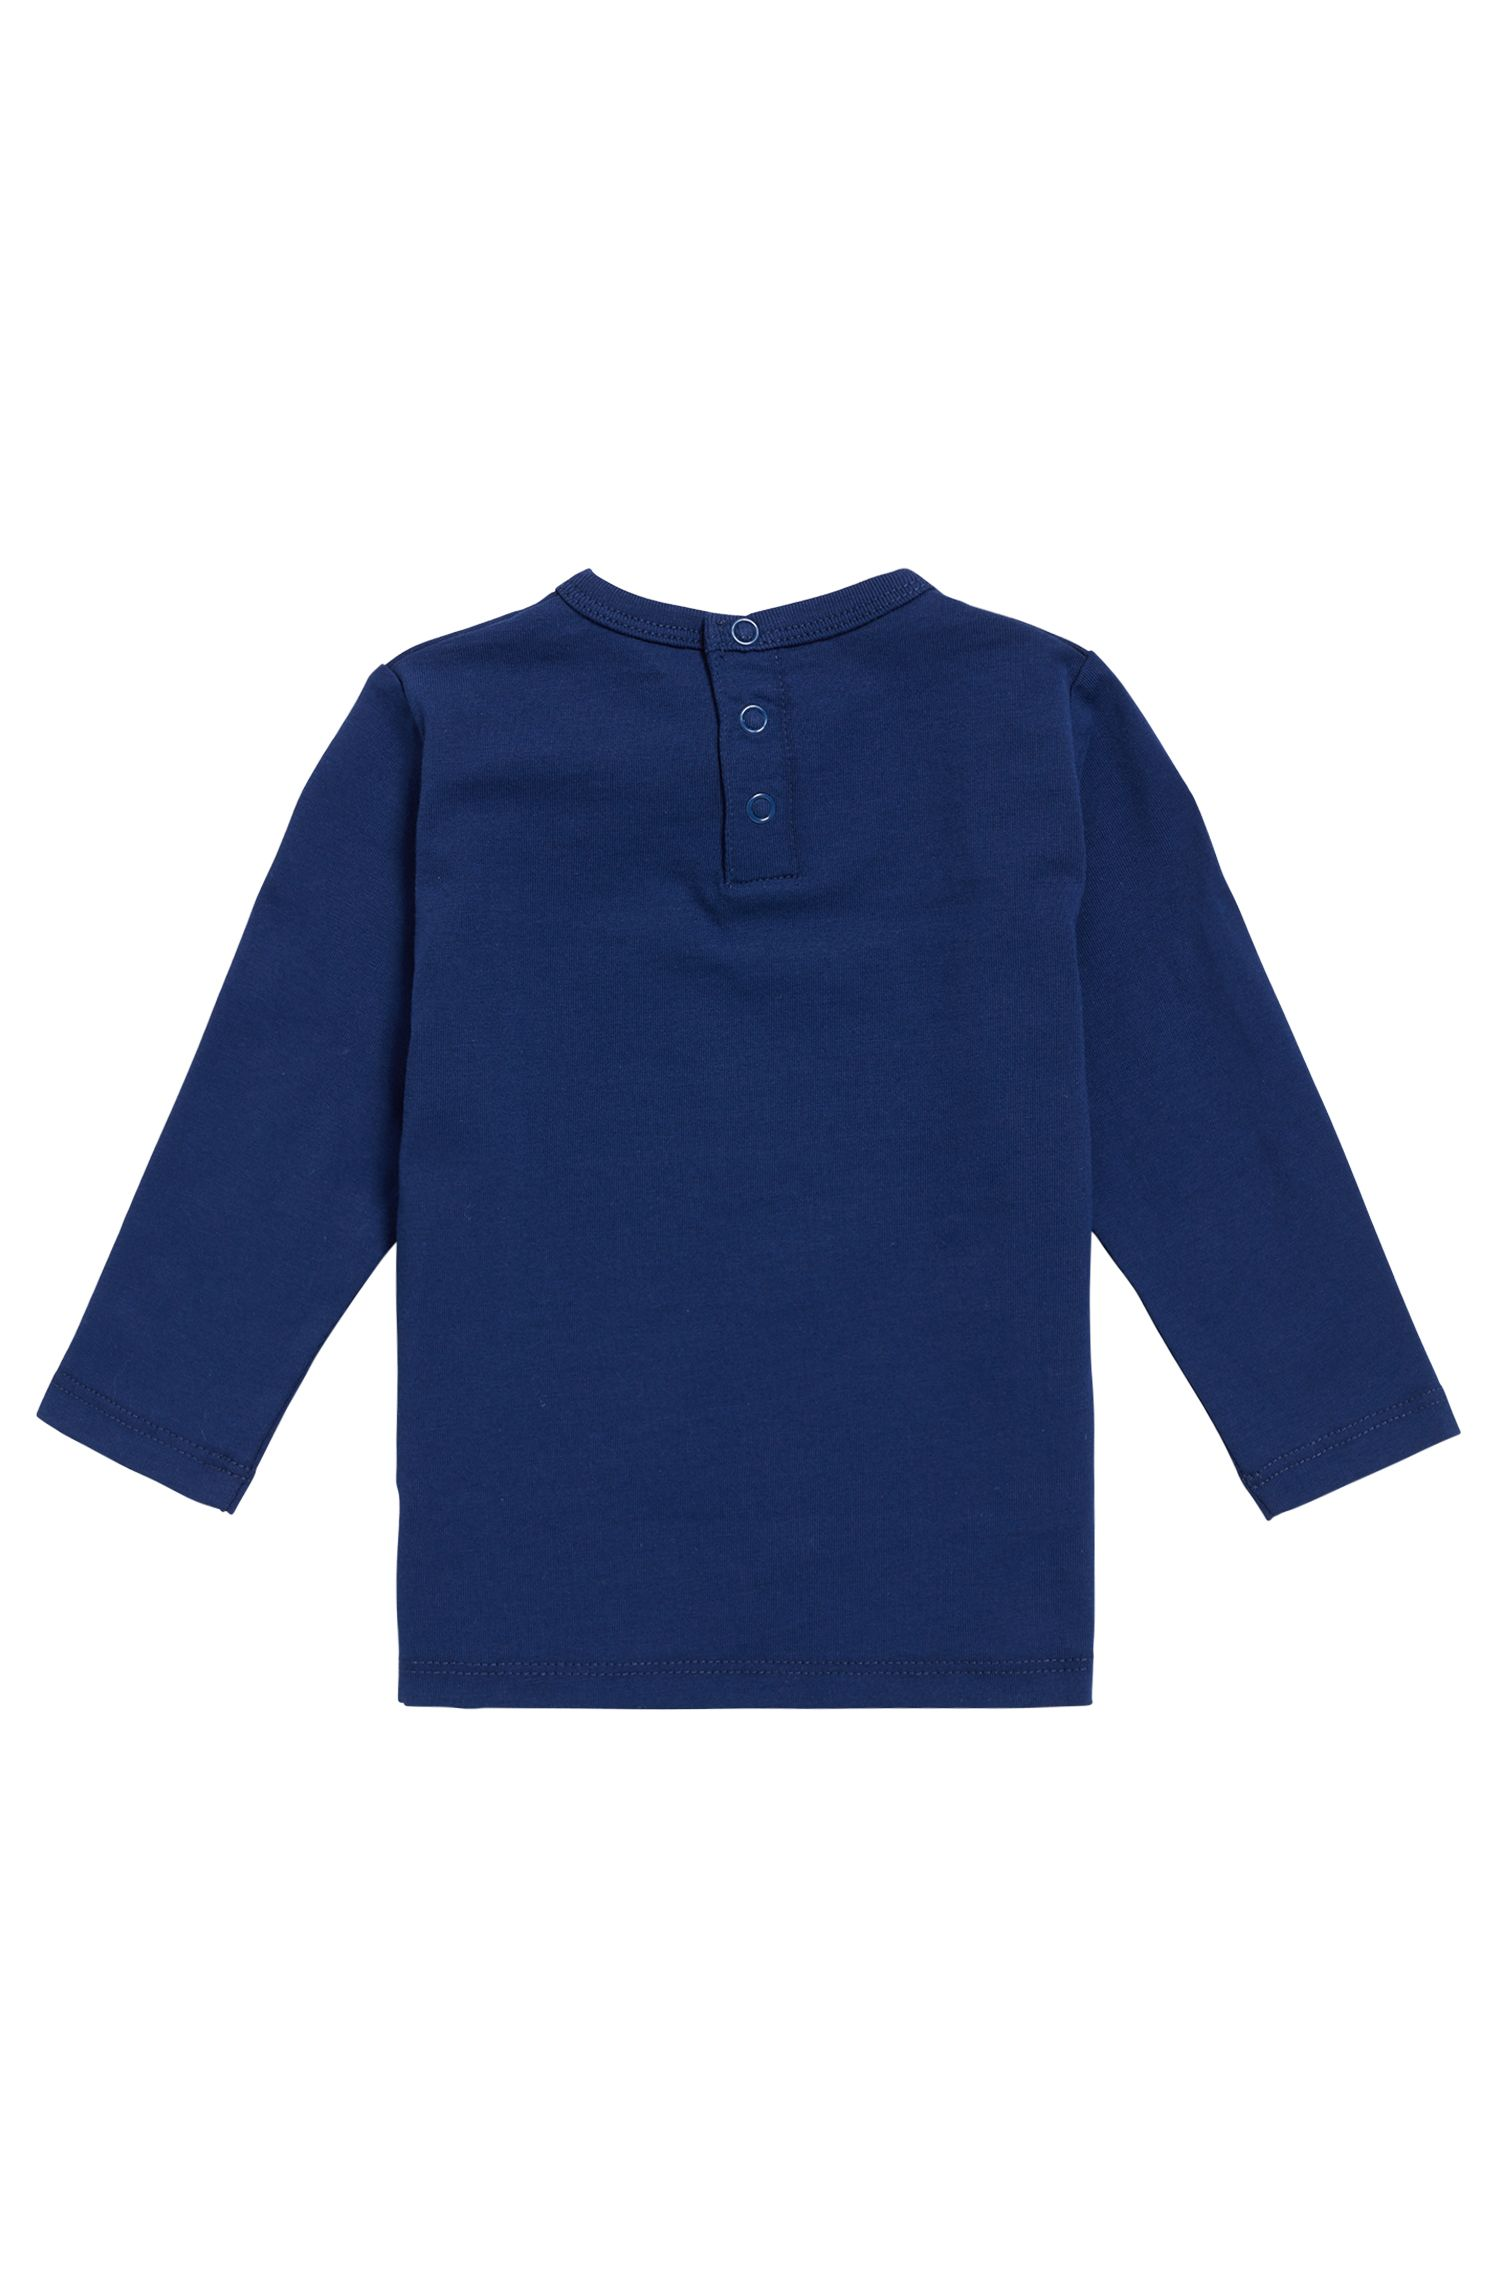 Kinder-logo-T-shirt van katoen met lange mouwen